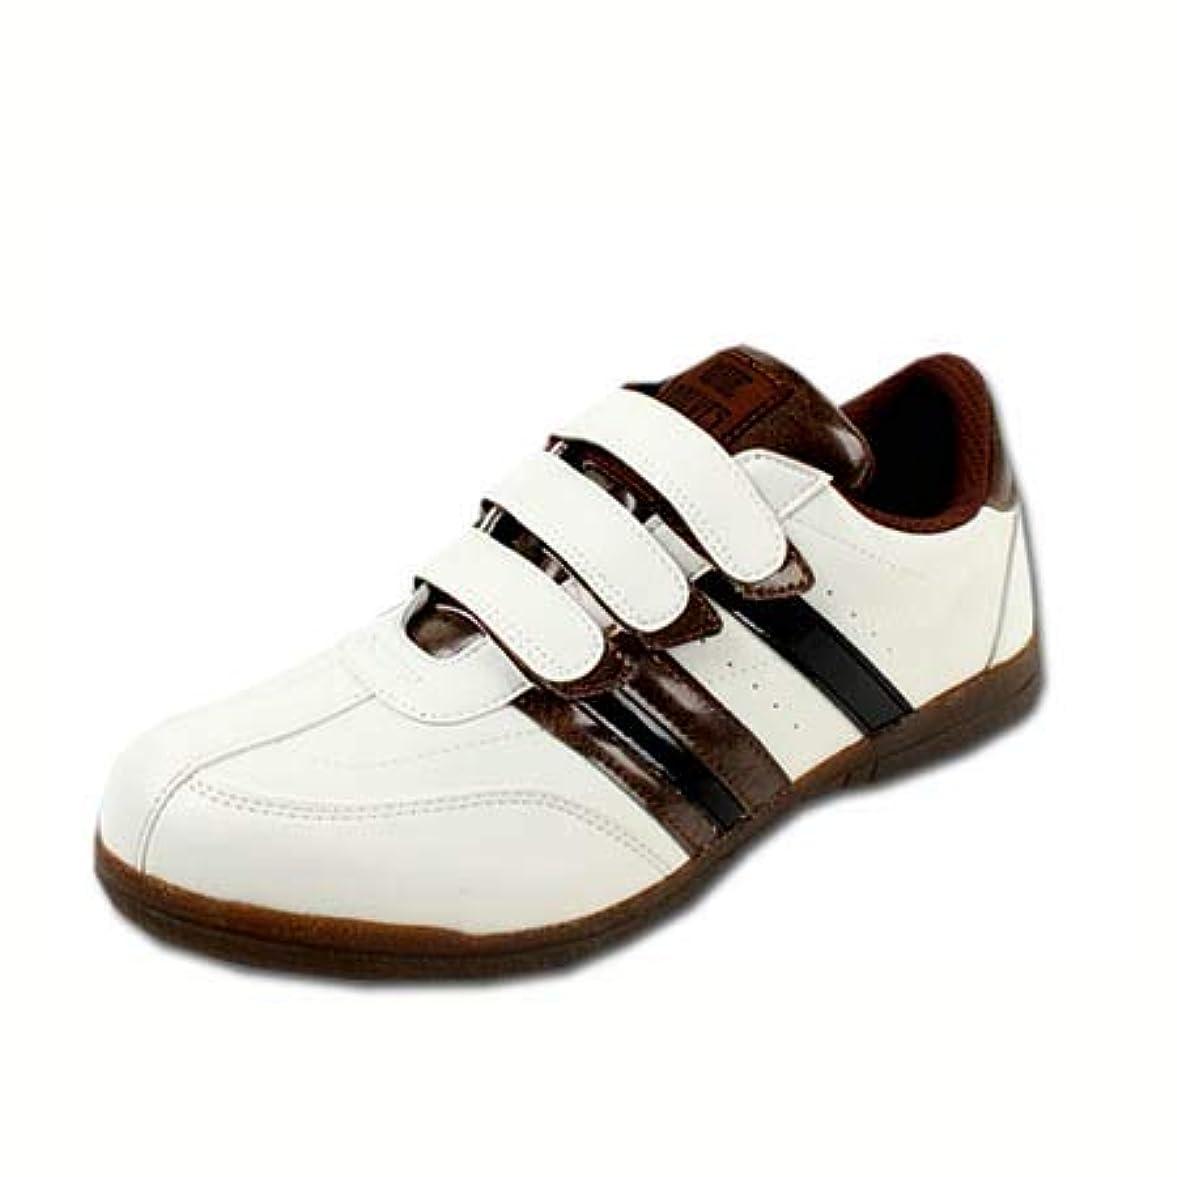 ベアリングサークルカテゴリートロイの木馬安全靴 安全スニーカー 鋼鉄先芯 マジックテープ セーフティーシューズ WW-331M 白